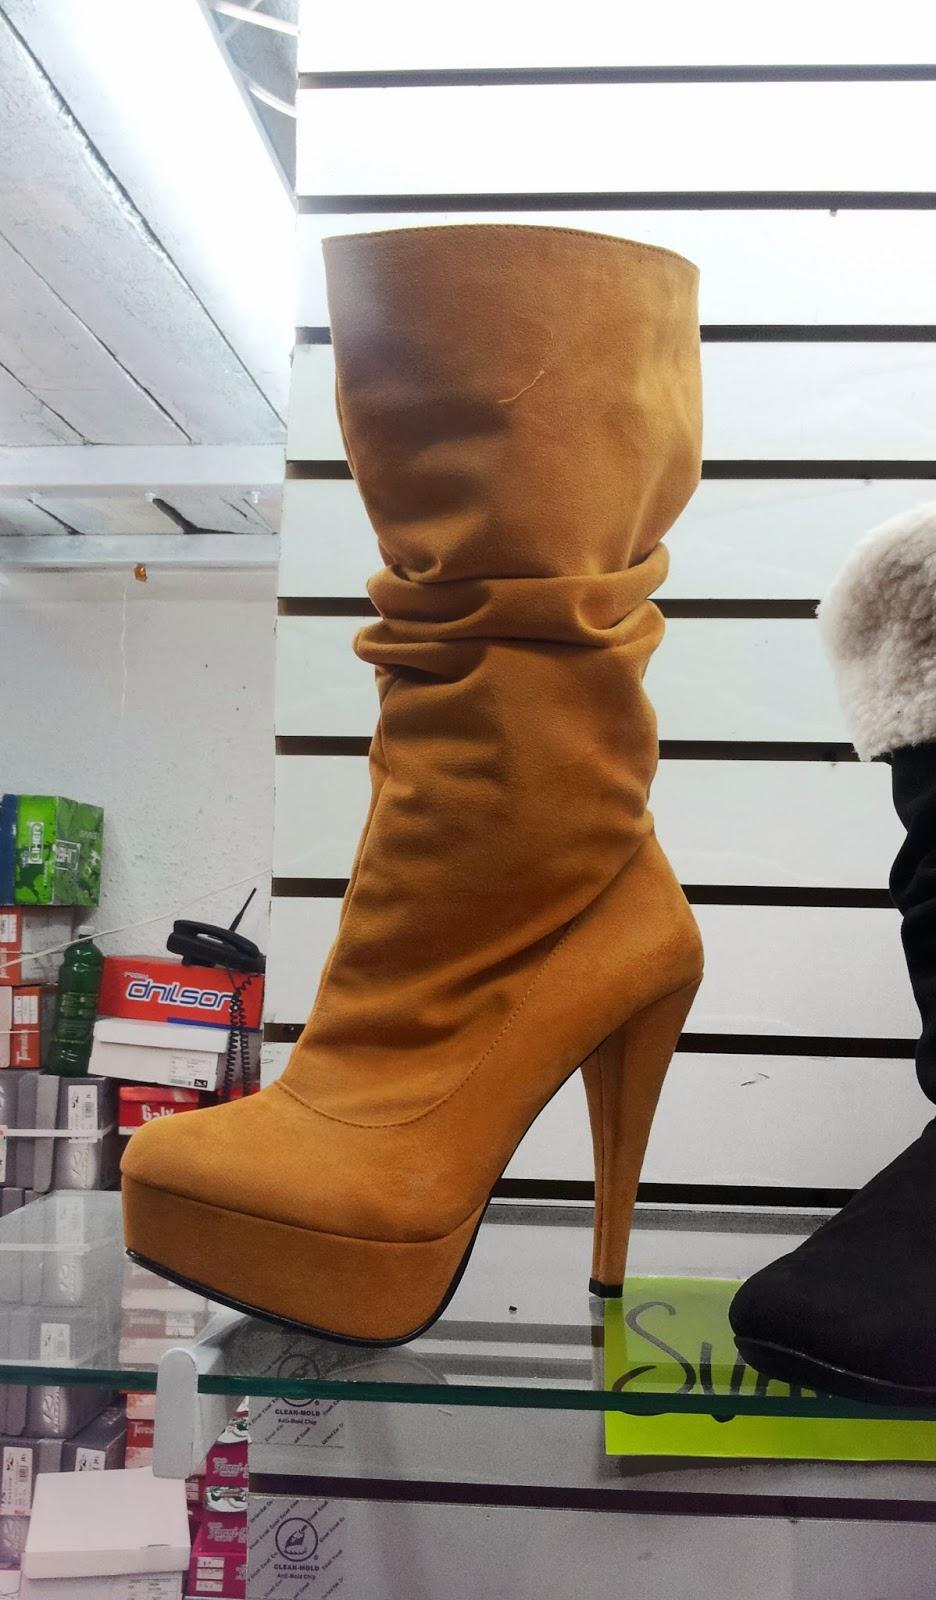 Botas camperas para Mujer: Compra hasta −60% | Stylight